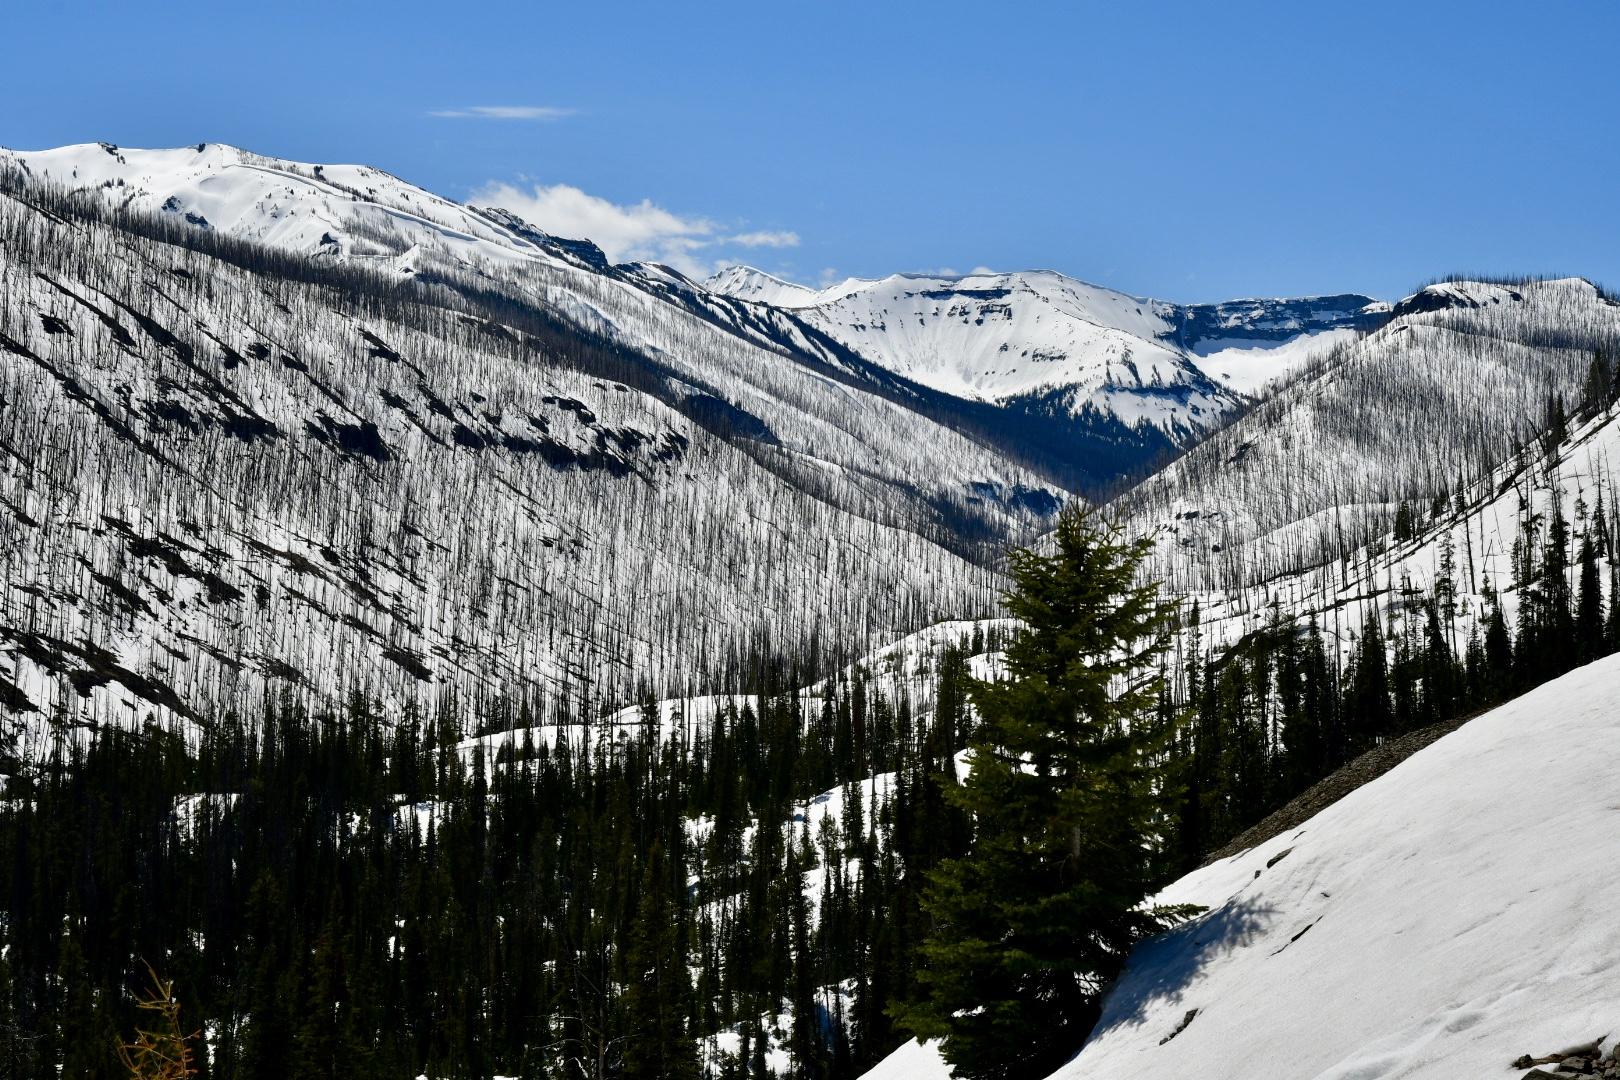 Schneebedecktes Gebirge im Yellowstone Nationalpark mit schwarzen Baumstämmen, die nach Waldbrand wie Mikados aus dem Schnee ragen